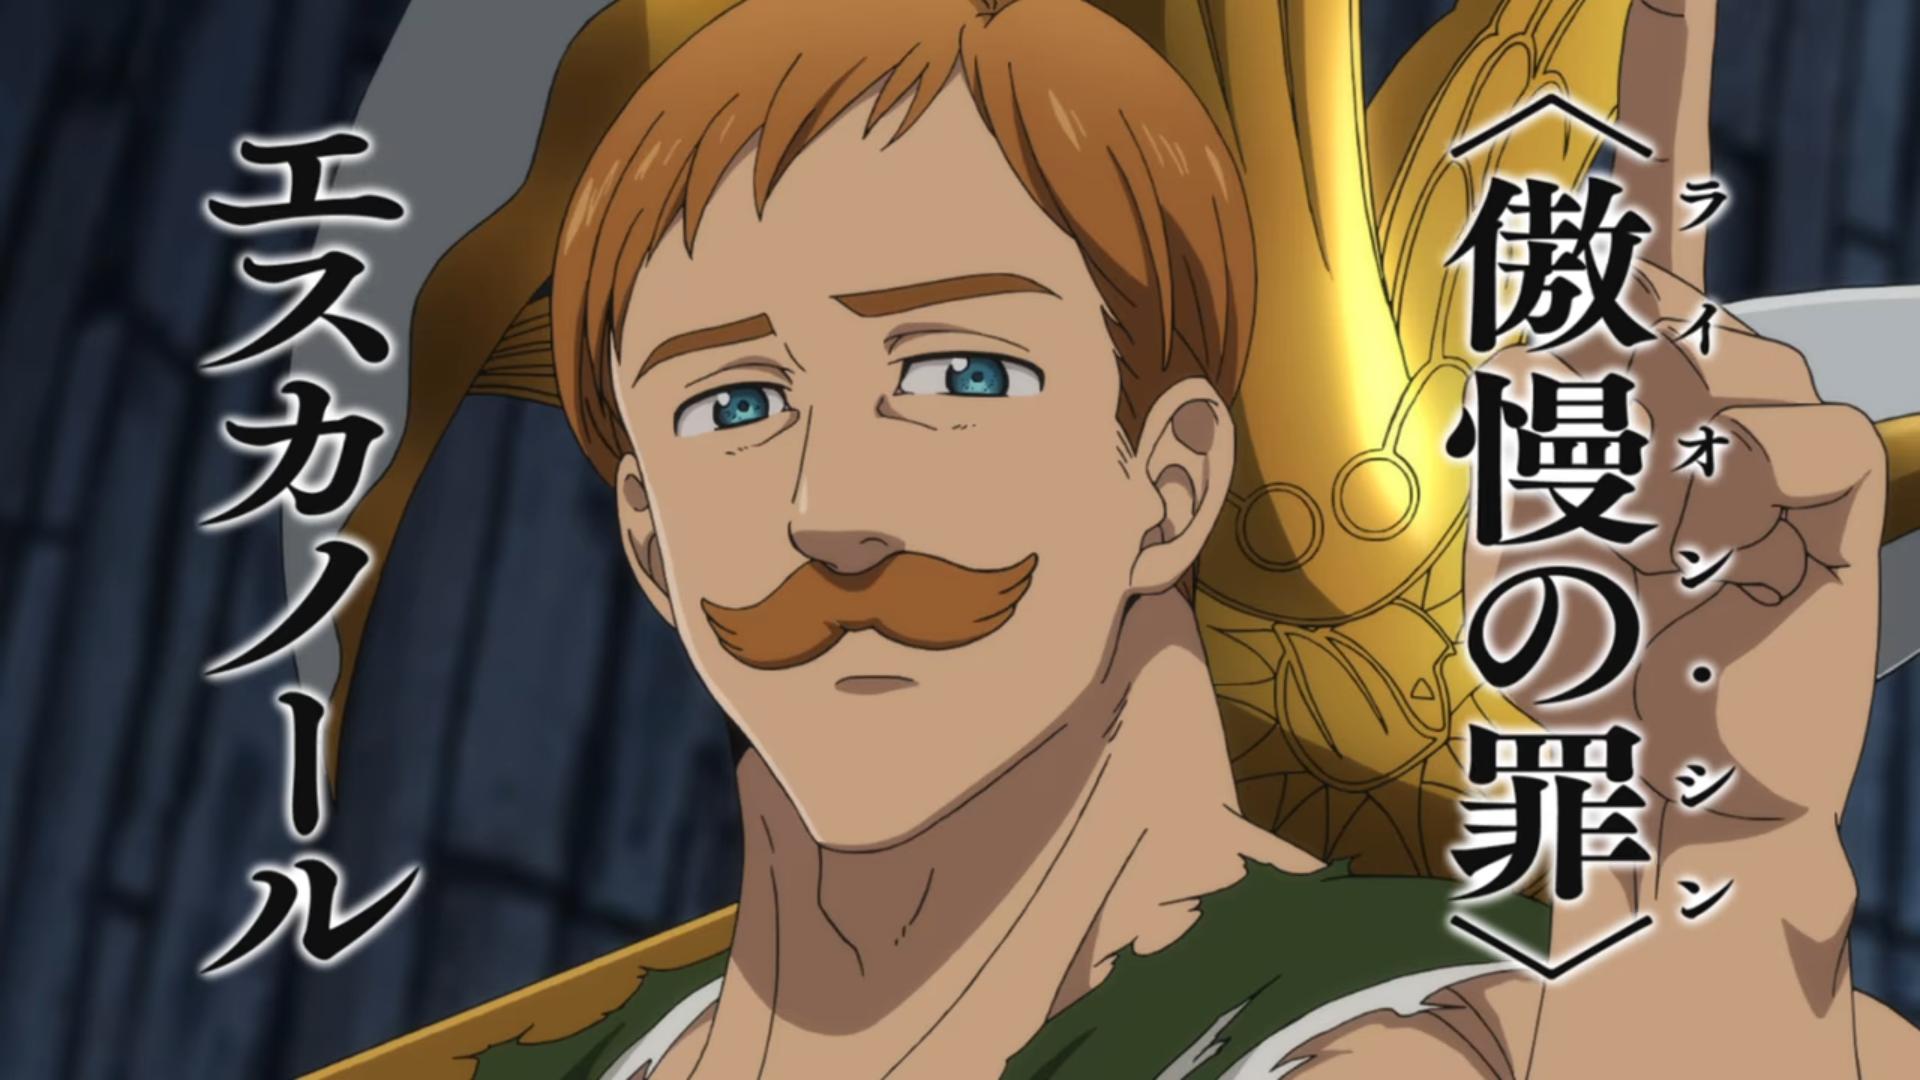 Escanor se revela a sí mismo, destrozando su ropa en el proceso, en una escena del anime de televisión The Seven Deadly Sins.